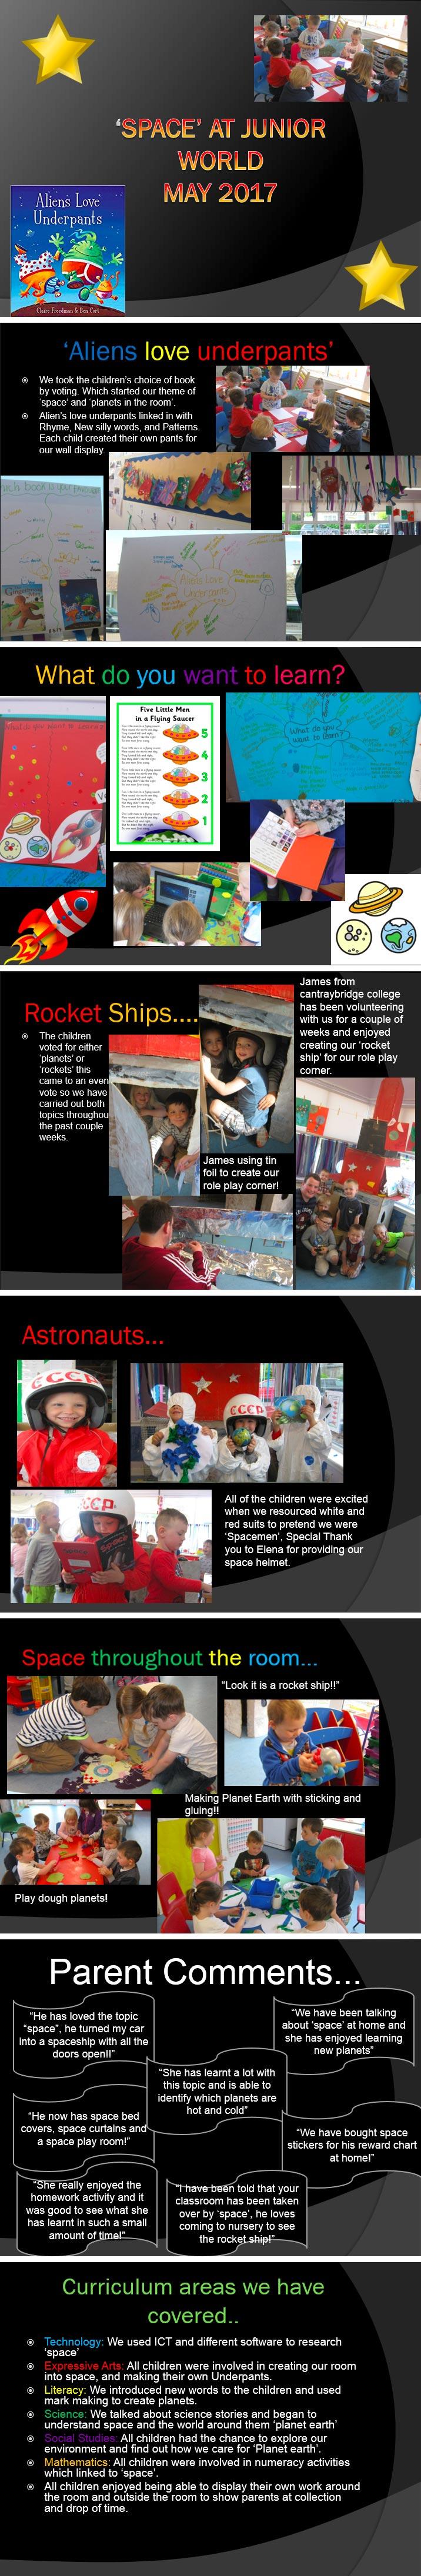 junior-world-space